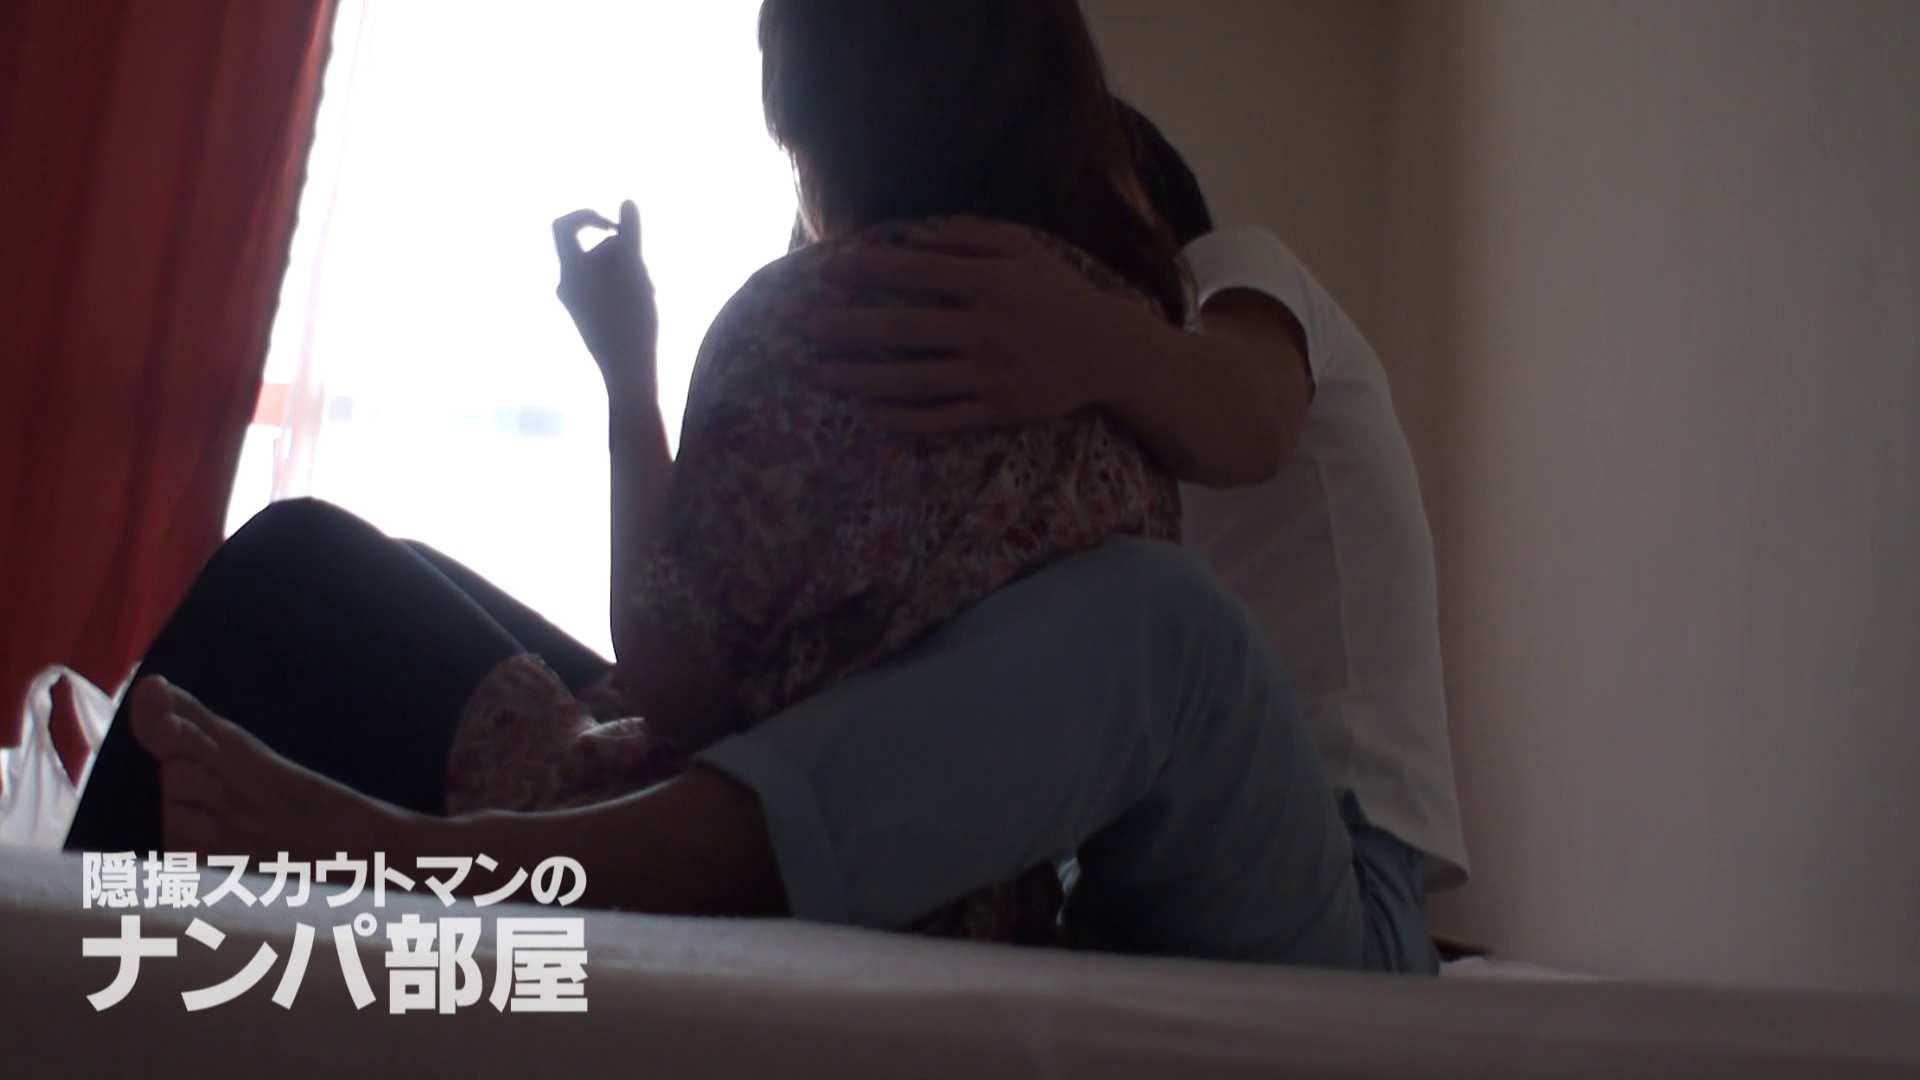 隠撮スカウトマンのナンパ部屋~風俗デビュー前のつまみ食い~ sii 隠撮  98pic 33